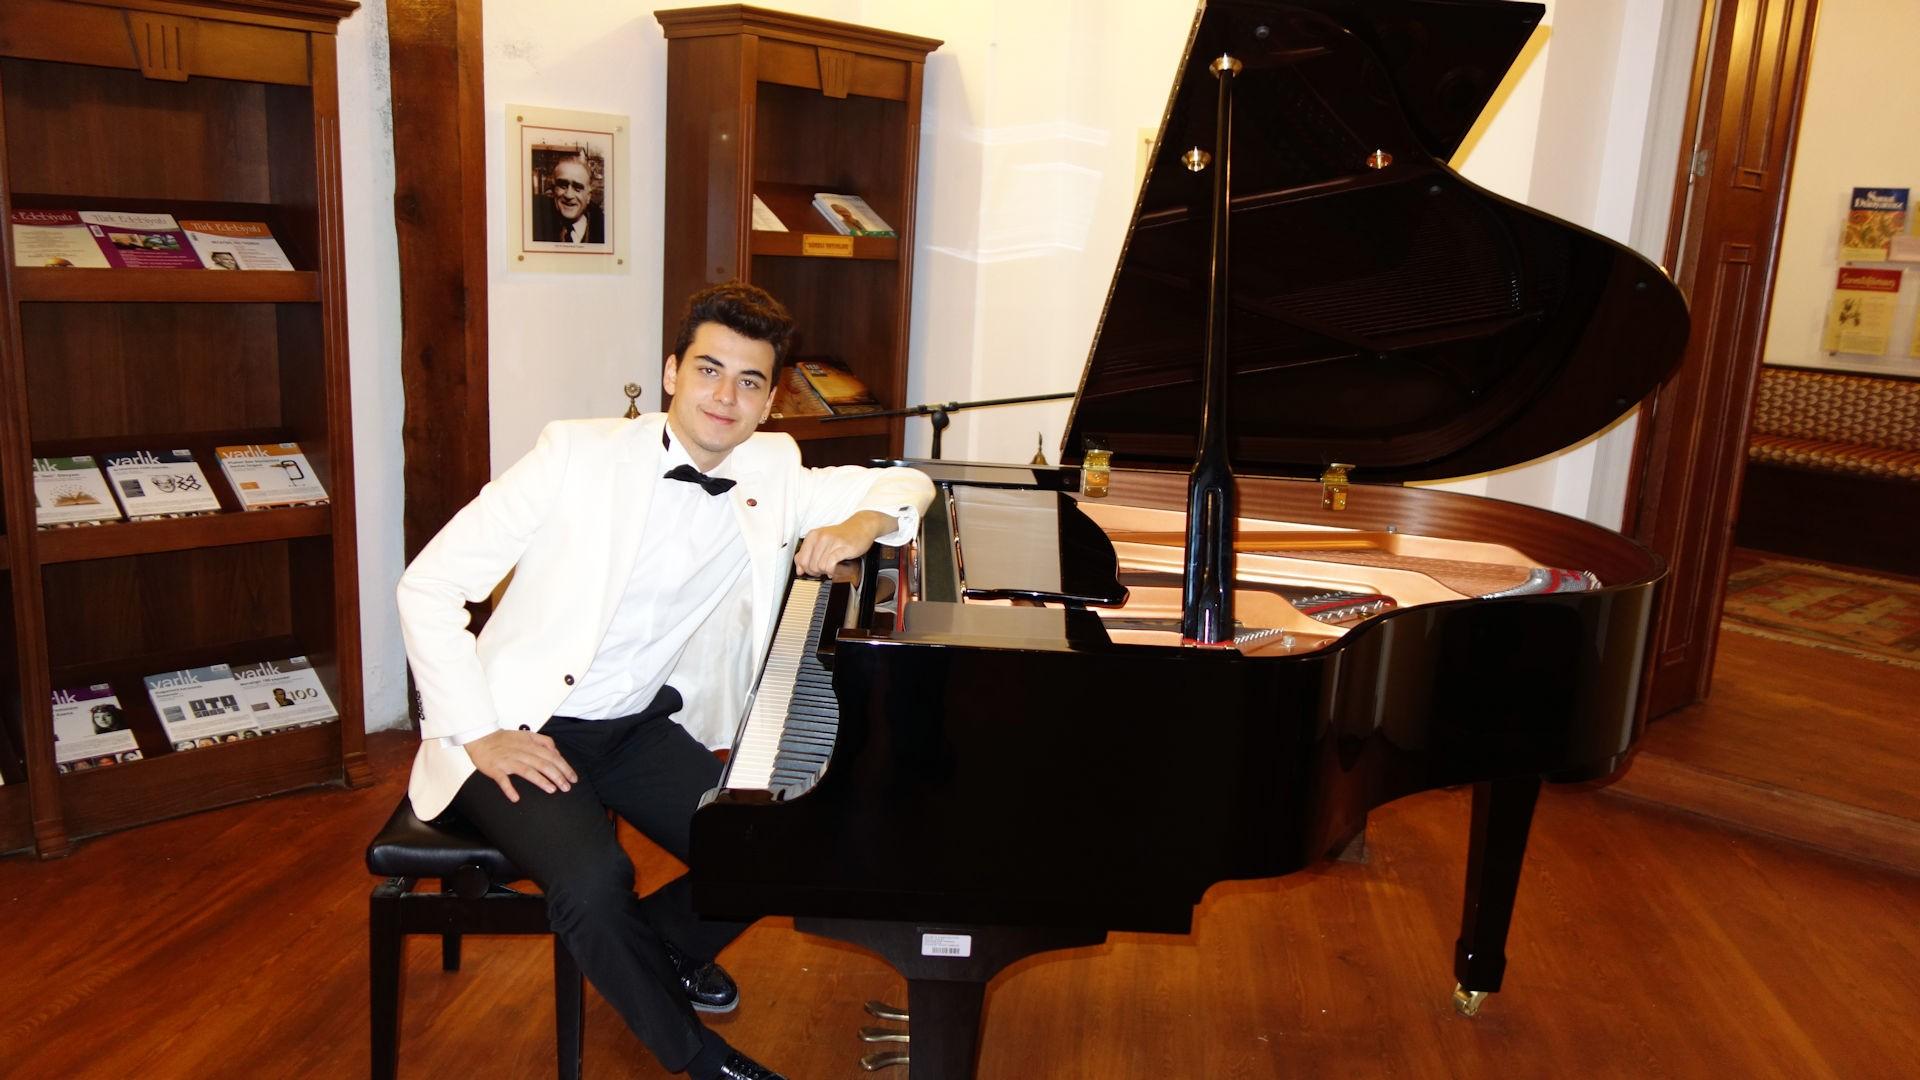 Genç Piyanist Güneş Yakartepe Son 5 Yılda Yaptığı Konser Etkinlikleri Listesi 2016 2017 Piyano Müzik Dinleti Piyanotürk